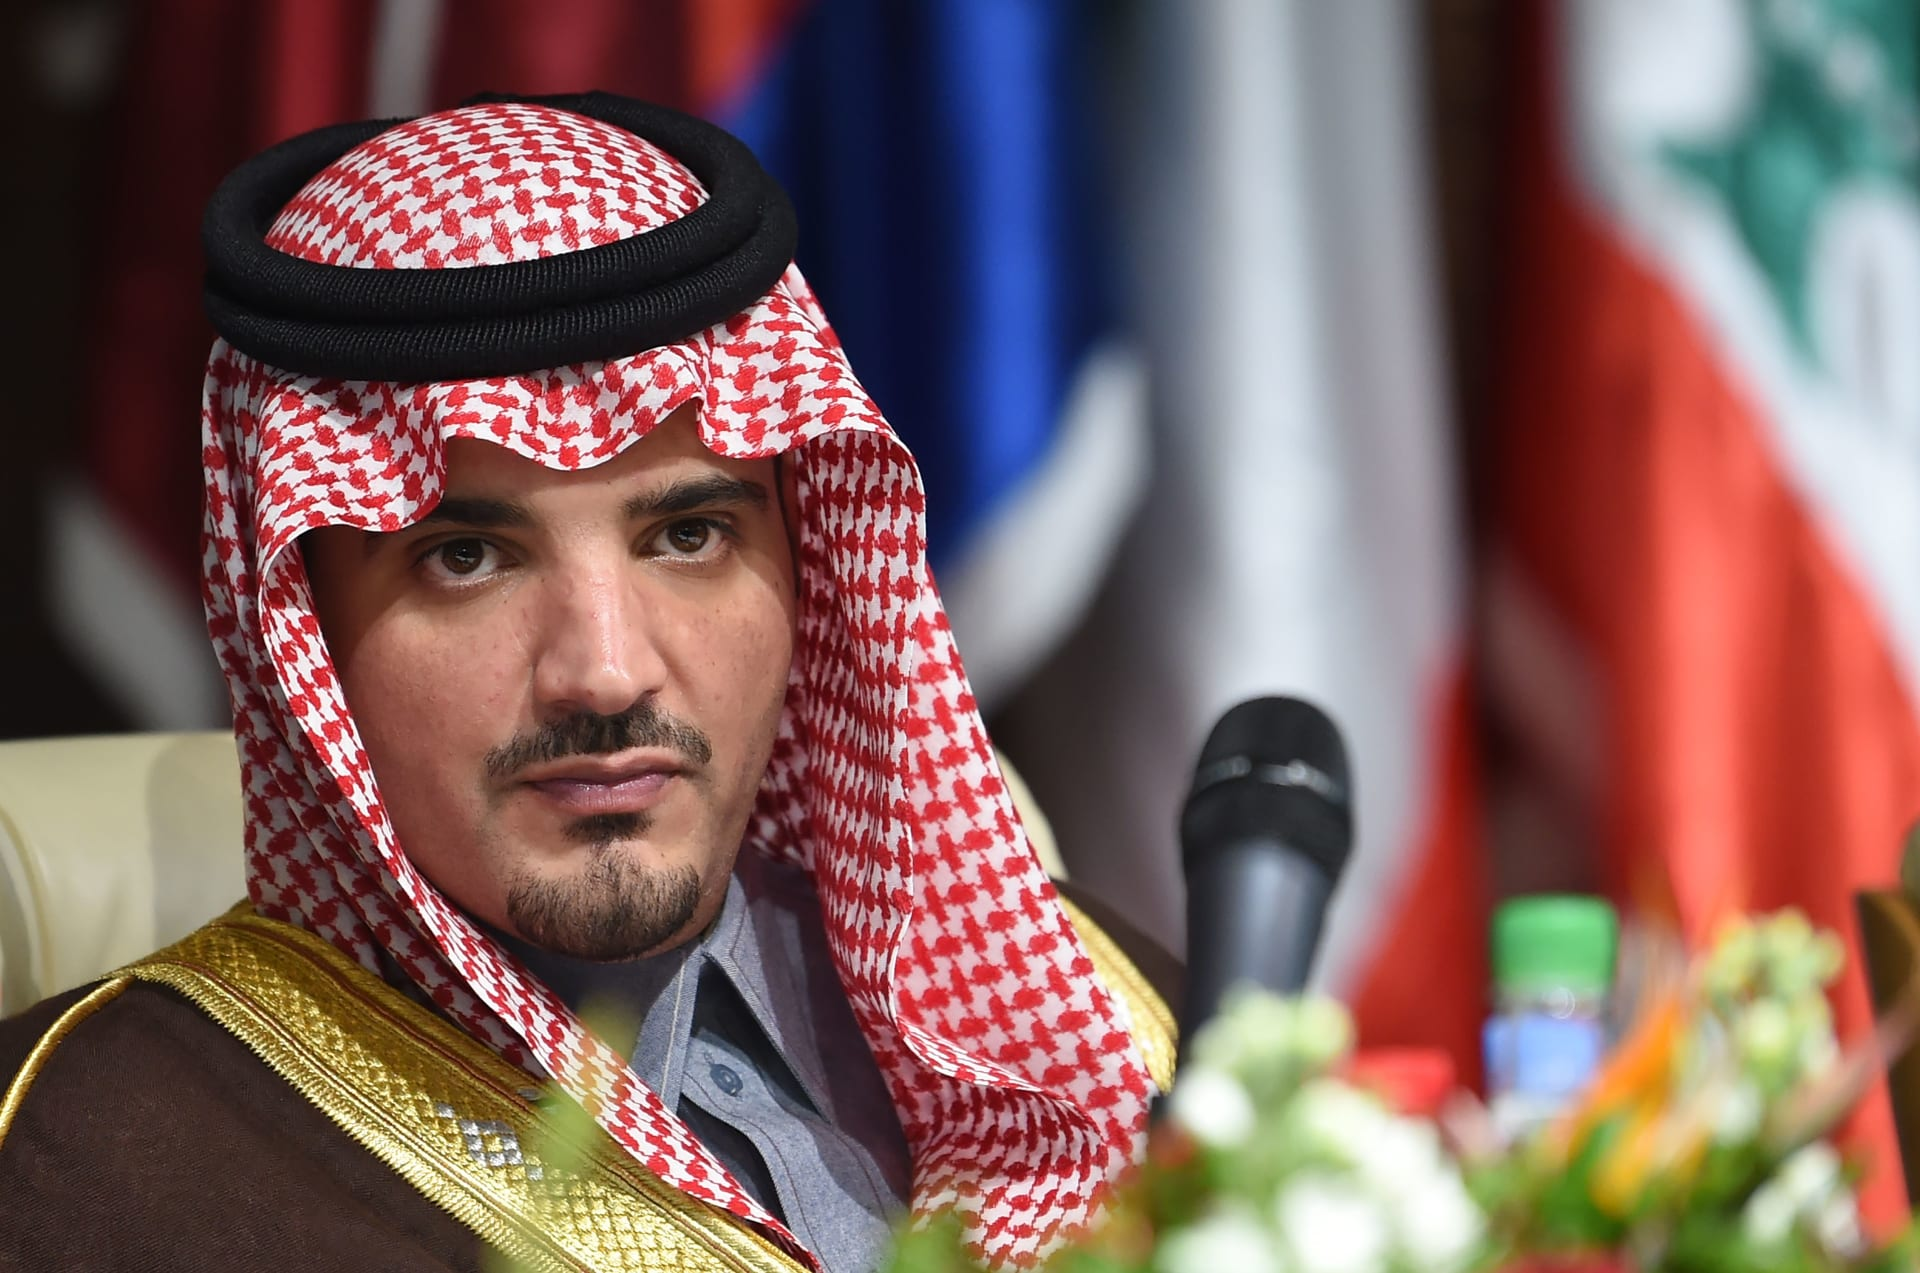 وزير الداخلية السعودي الأمير عبدالعزيز بن سعود بن نايف